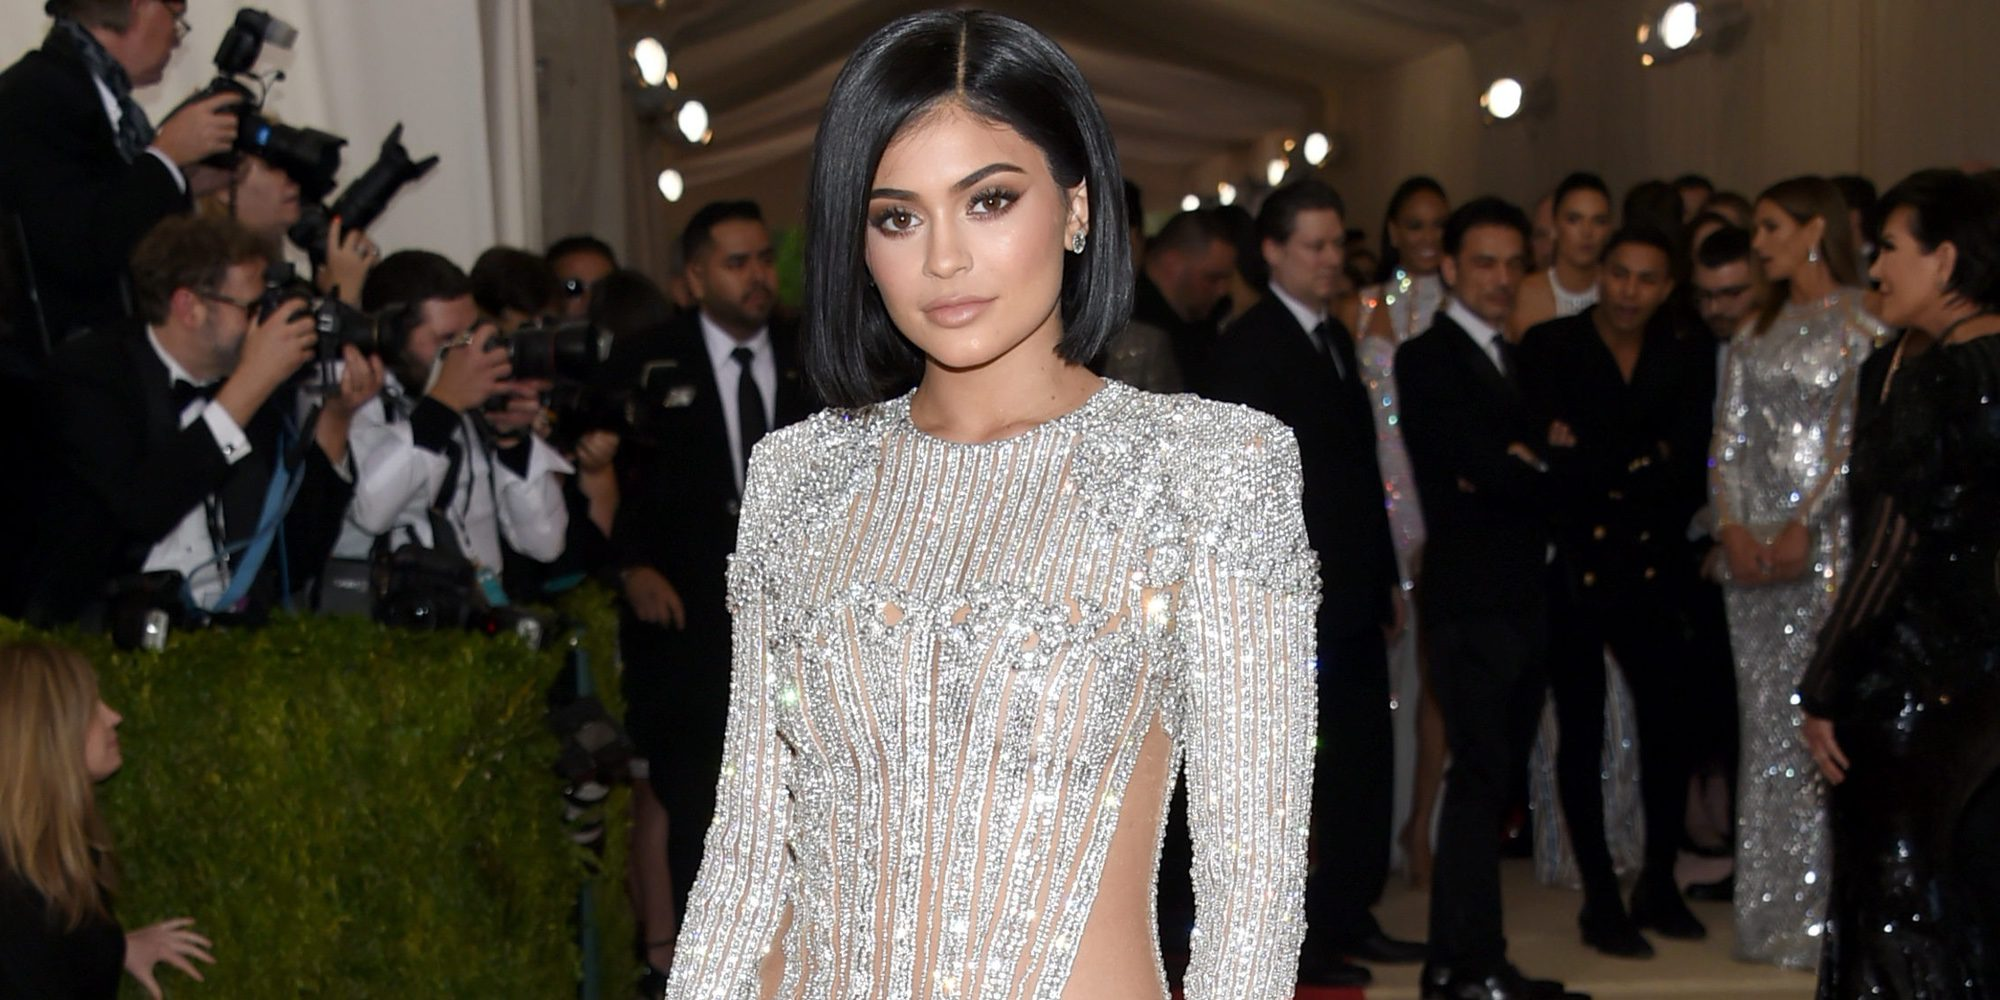 Kylie Jenner, la sorpresa de una graduación: Acompaña a un joven al que habían dado plantón